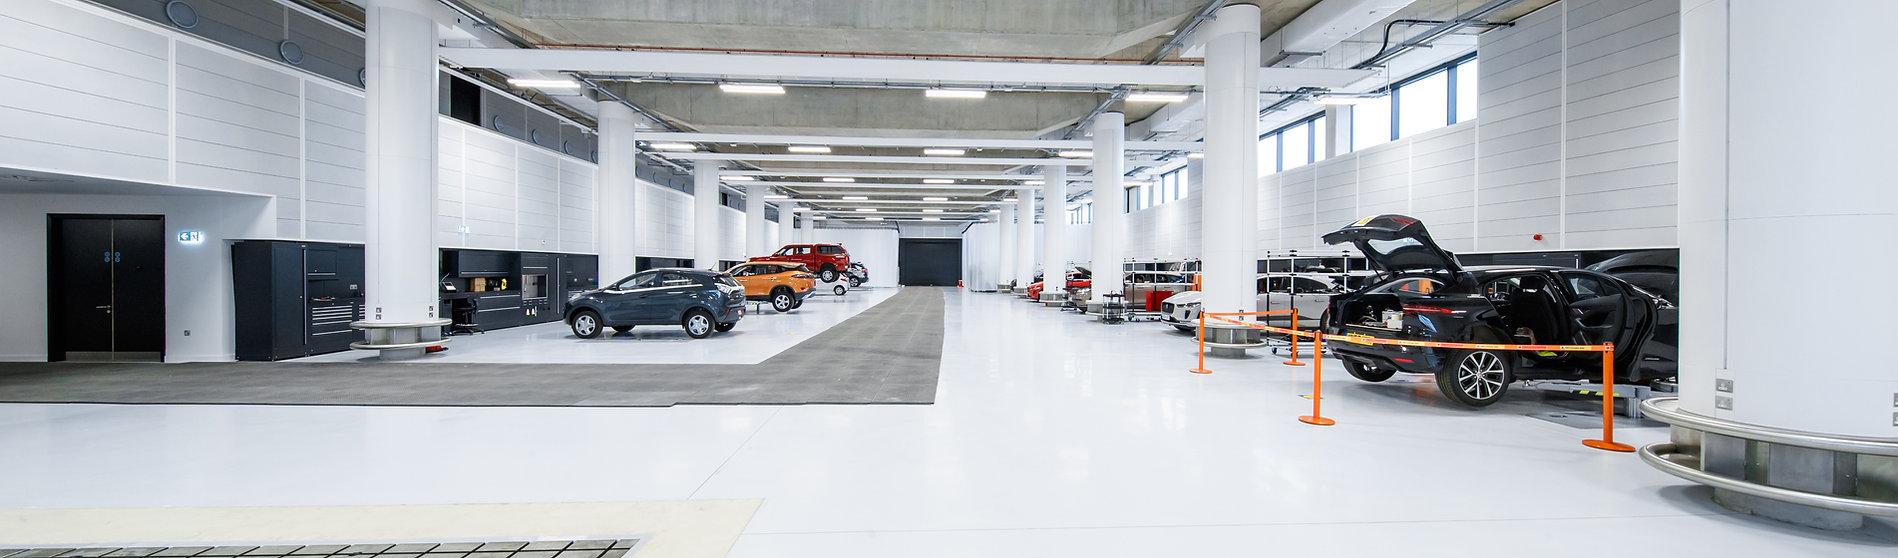 NAIC facility (9).jpg